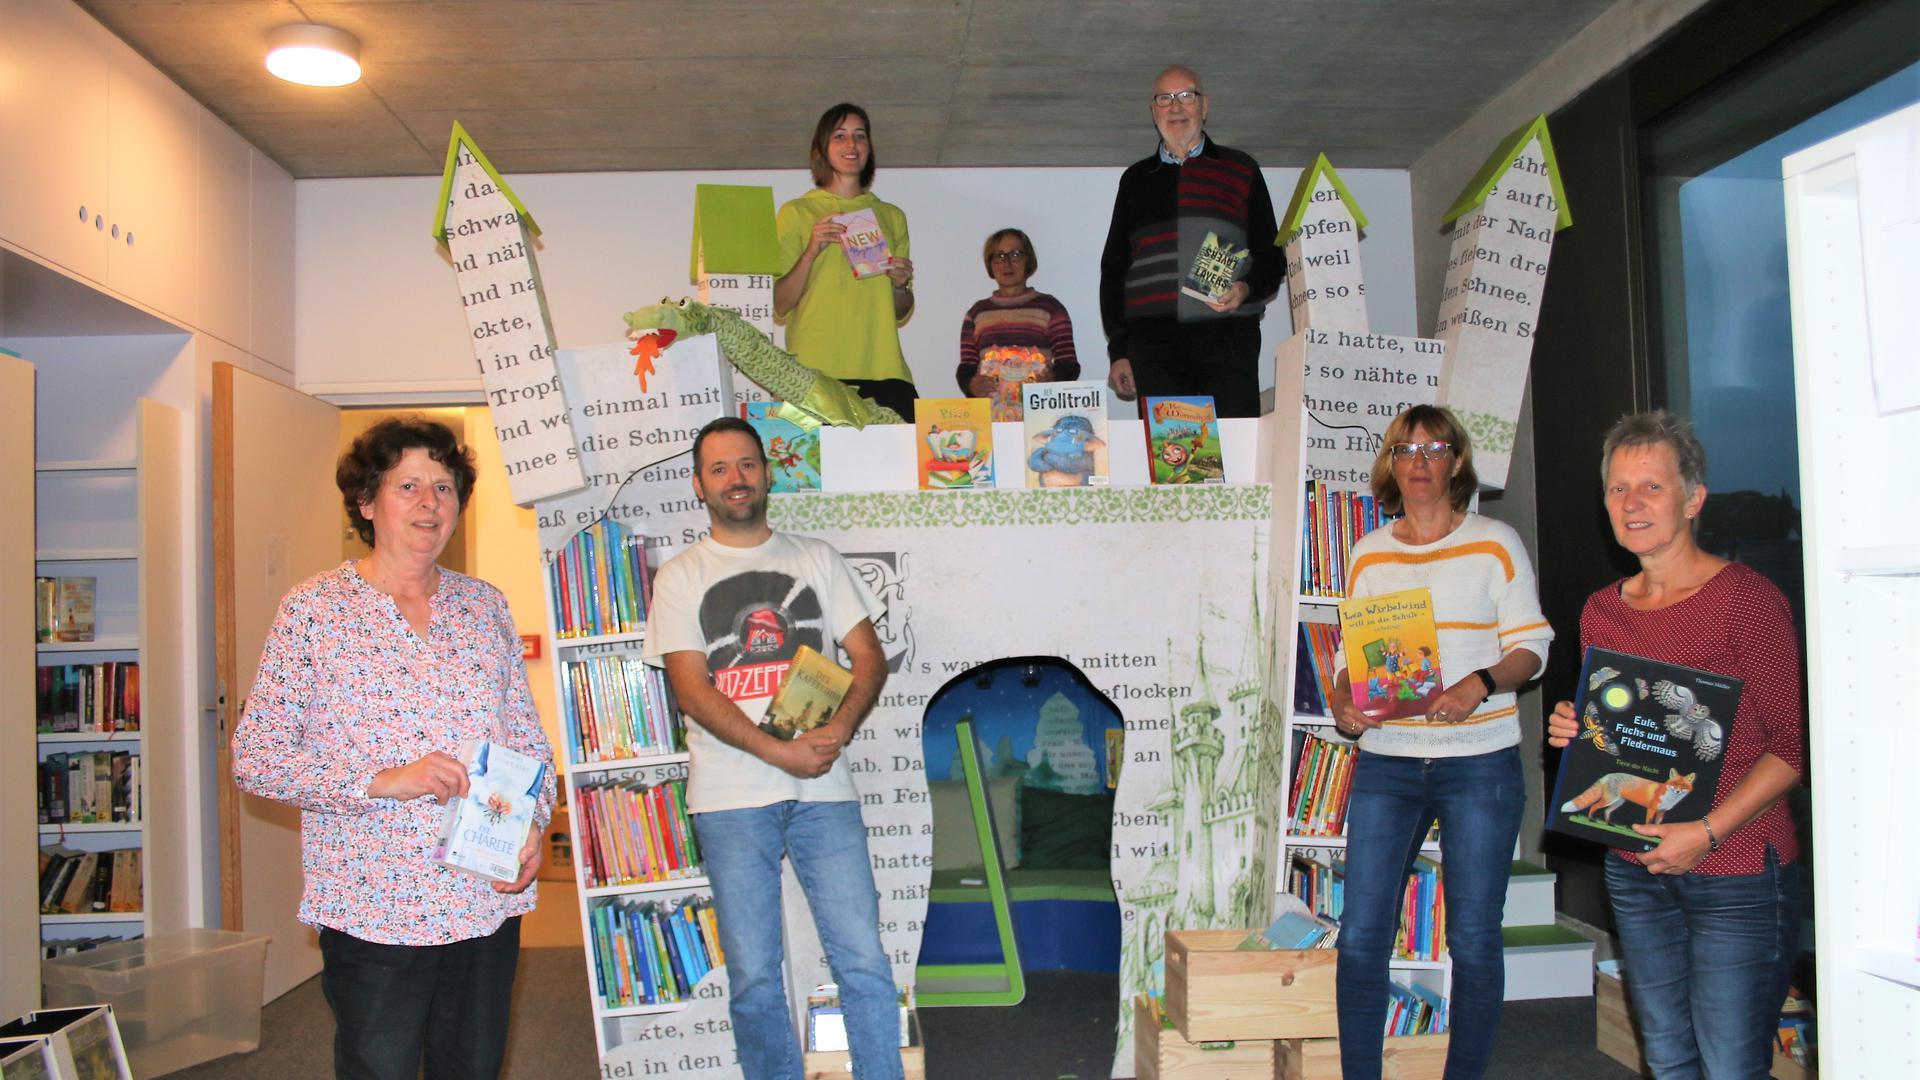 In einer  begehbaren Leseburg aus Buchseiten stehen mehrere Bücher wie in einem Regal. Von den Zinnen schauen Ehrenamtliche herunter. Auch vor der Burg stehen Ehrenamtliche.